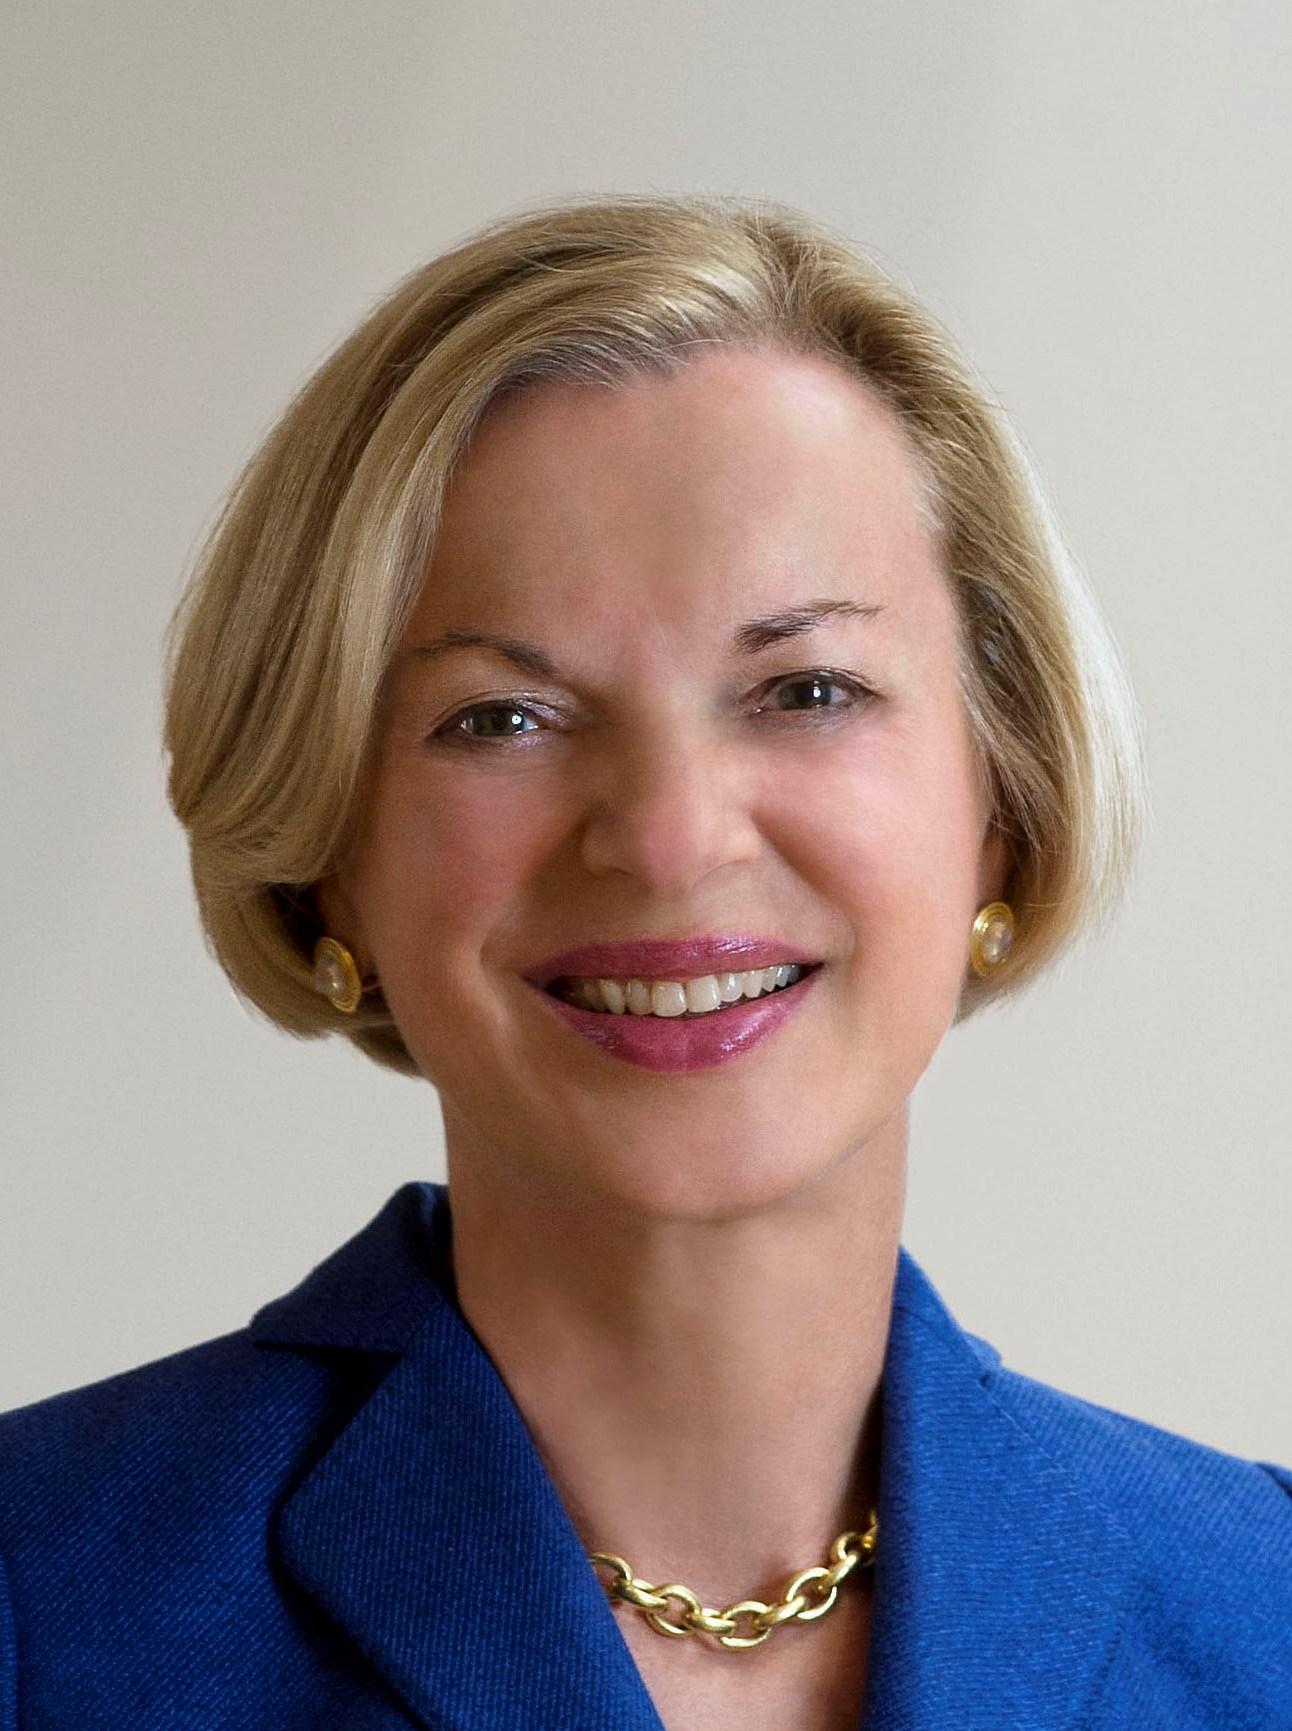 Elizabeth Nabel, MD